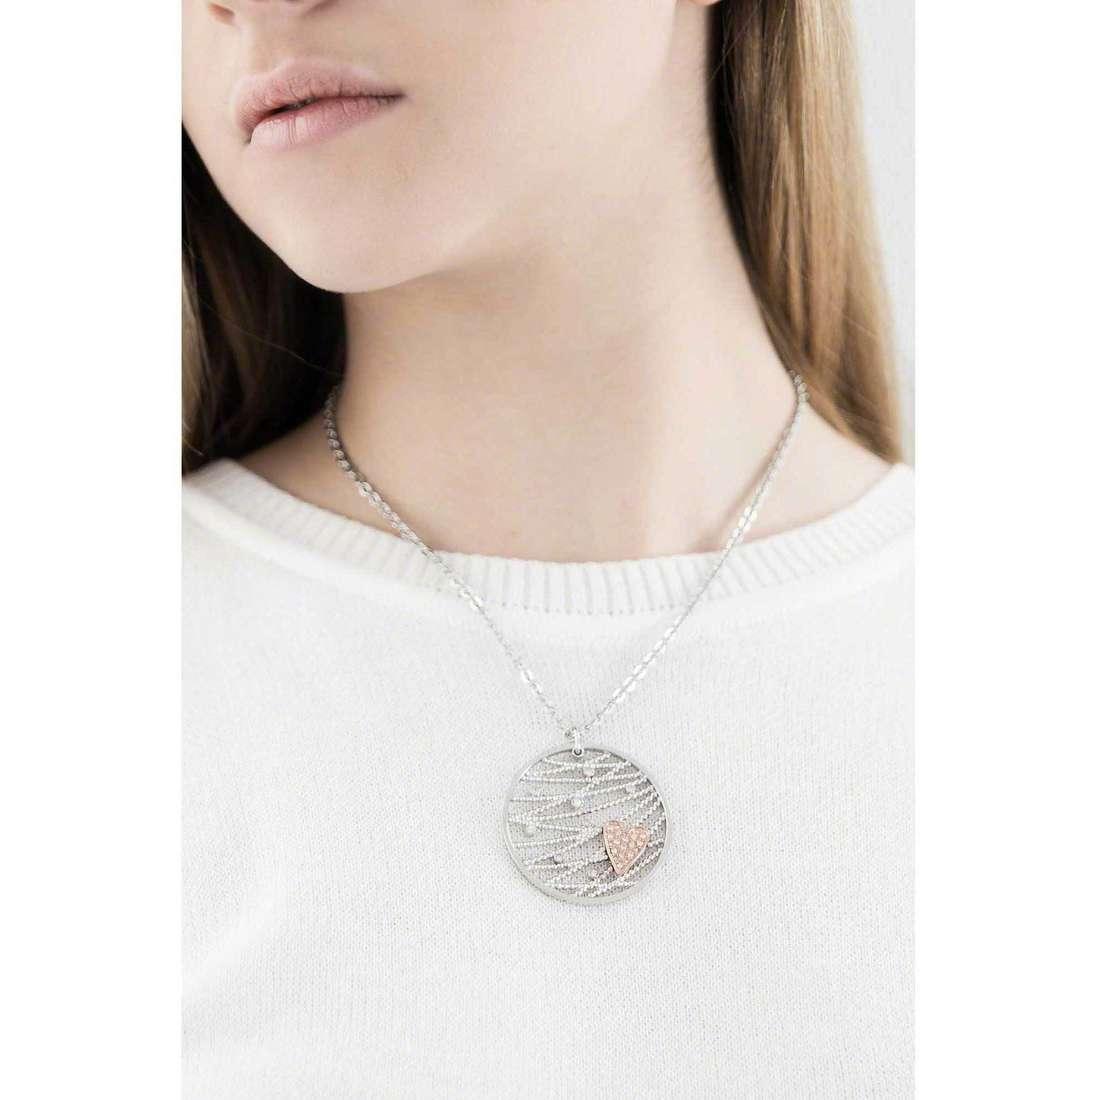 Morellato colliers Cuore Mio femme SADA05 indosso